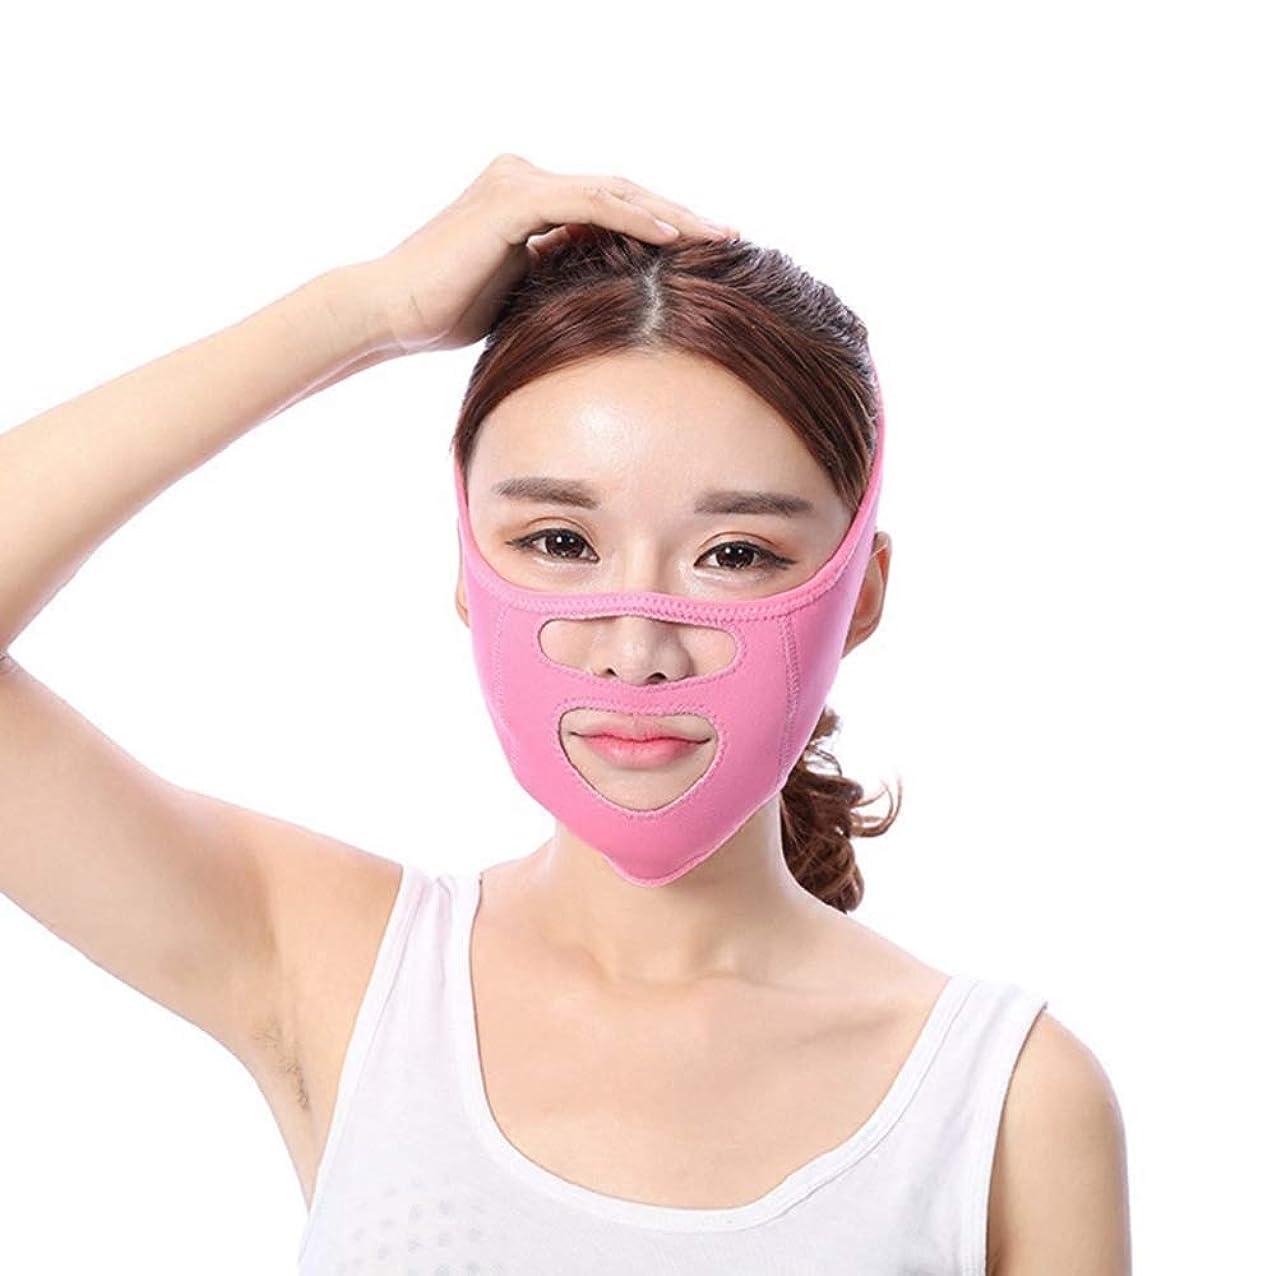 テキスト溶かす返済Minmin 顔の持ち上がる痩身ベルト - あなたの顔のための素晴らしいトレーニング二重あごのワークアウトフェイスマスクベルト薄い顔包帯整形マスクは顔と首を締めますフェイススリム みんみんVラインフェイスマスク